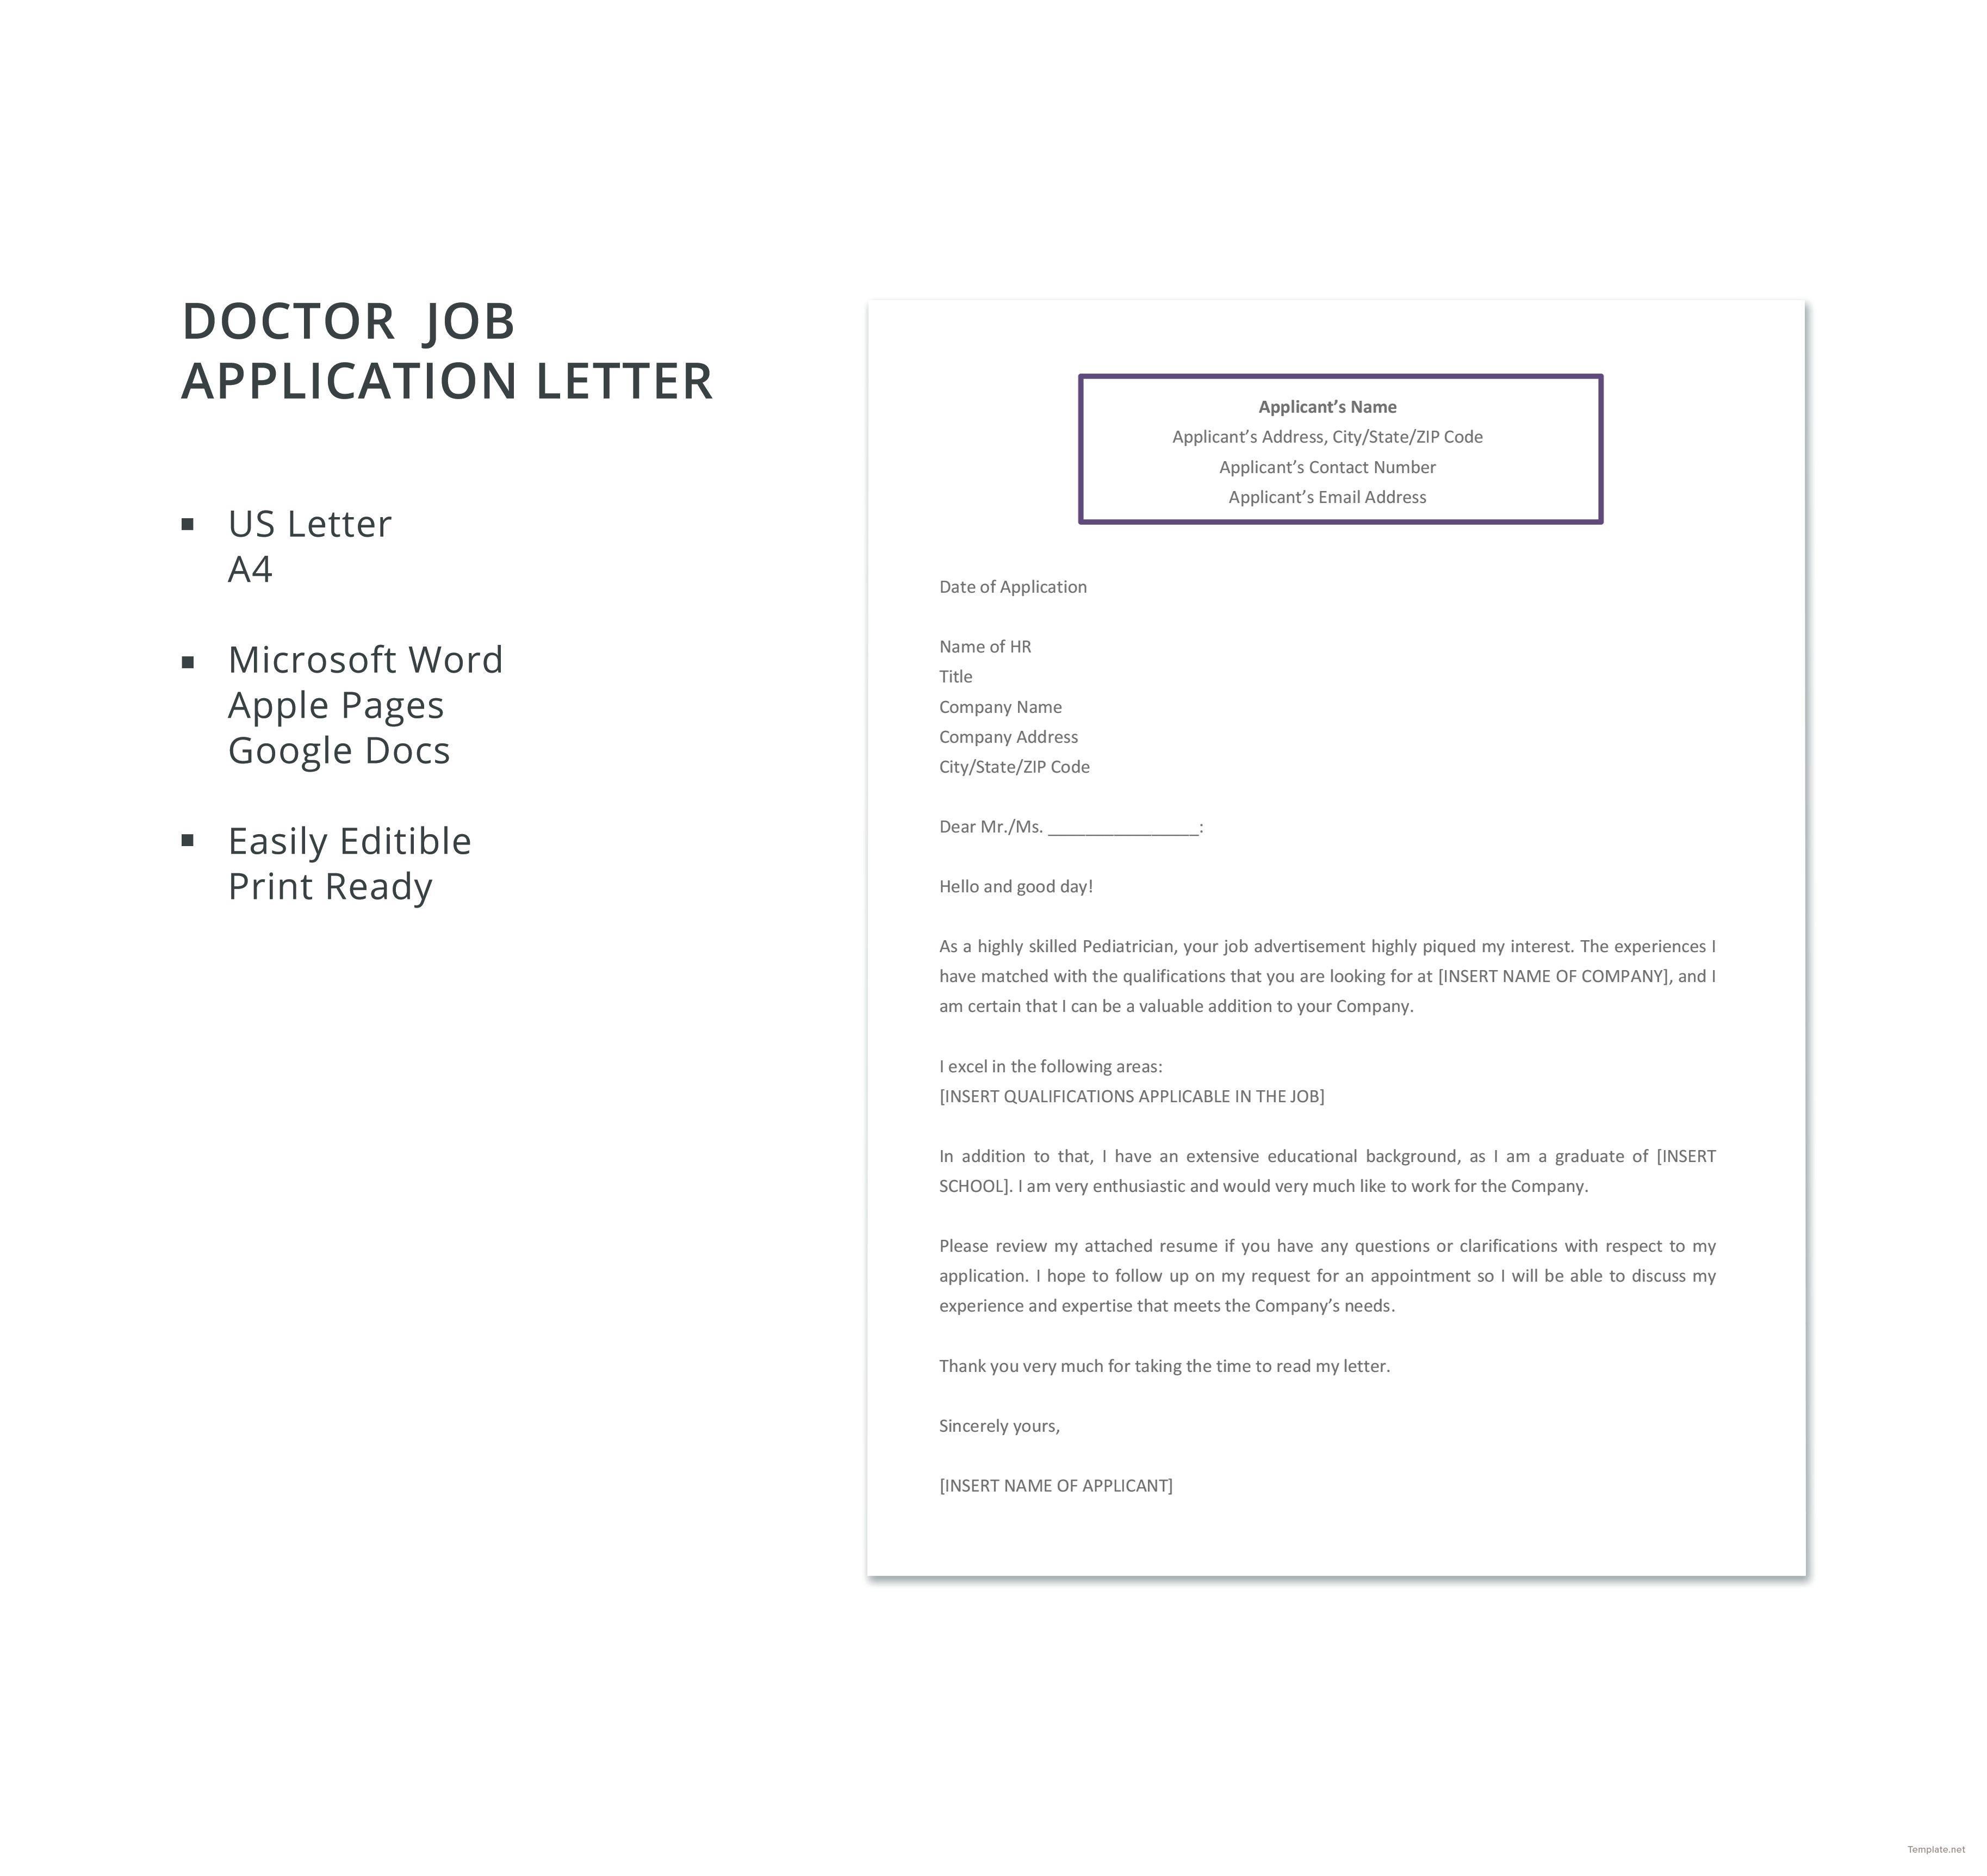 Free doctor job application letter dc pinterest letter free doctor job application letter template altavistaventures Images